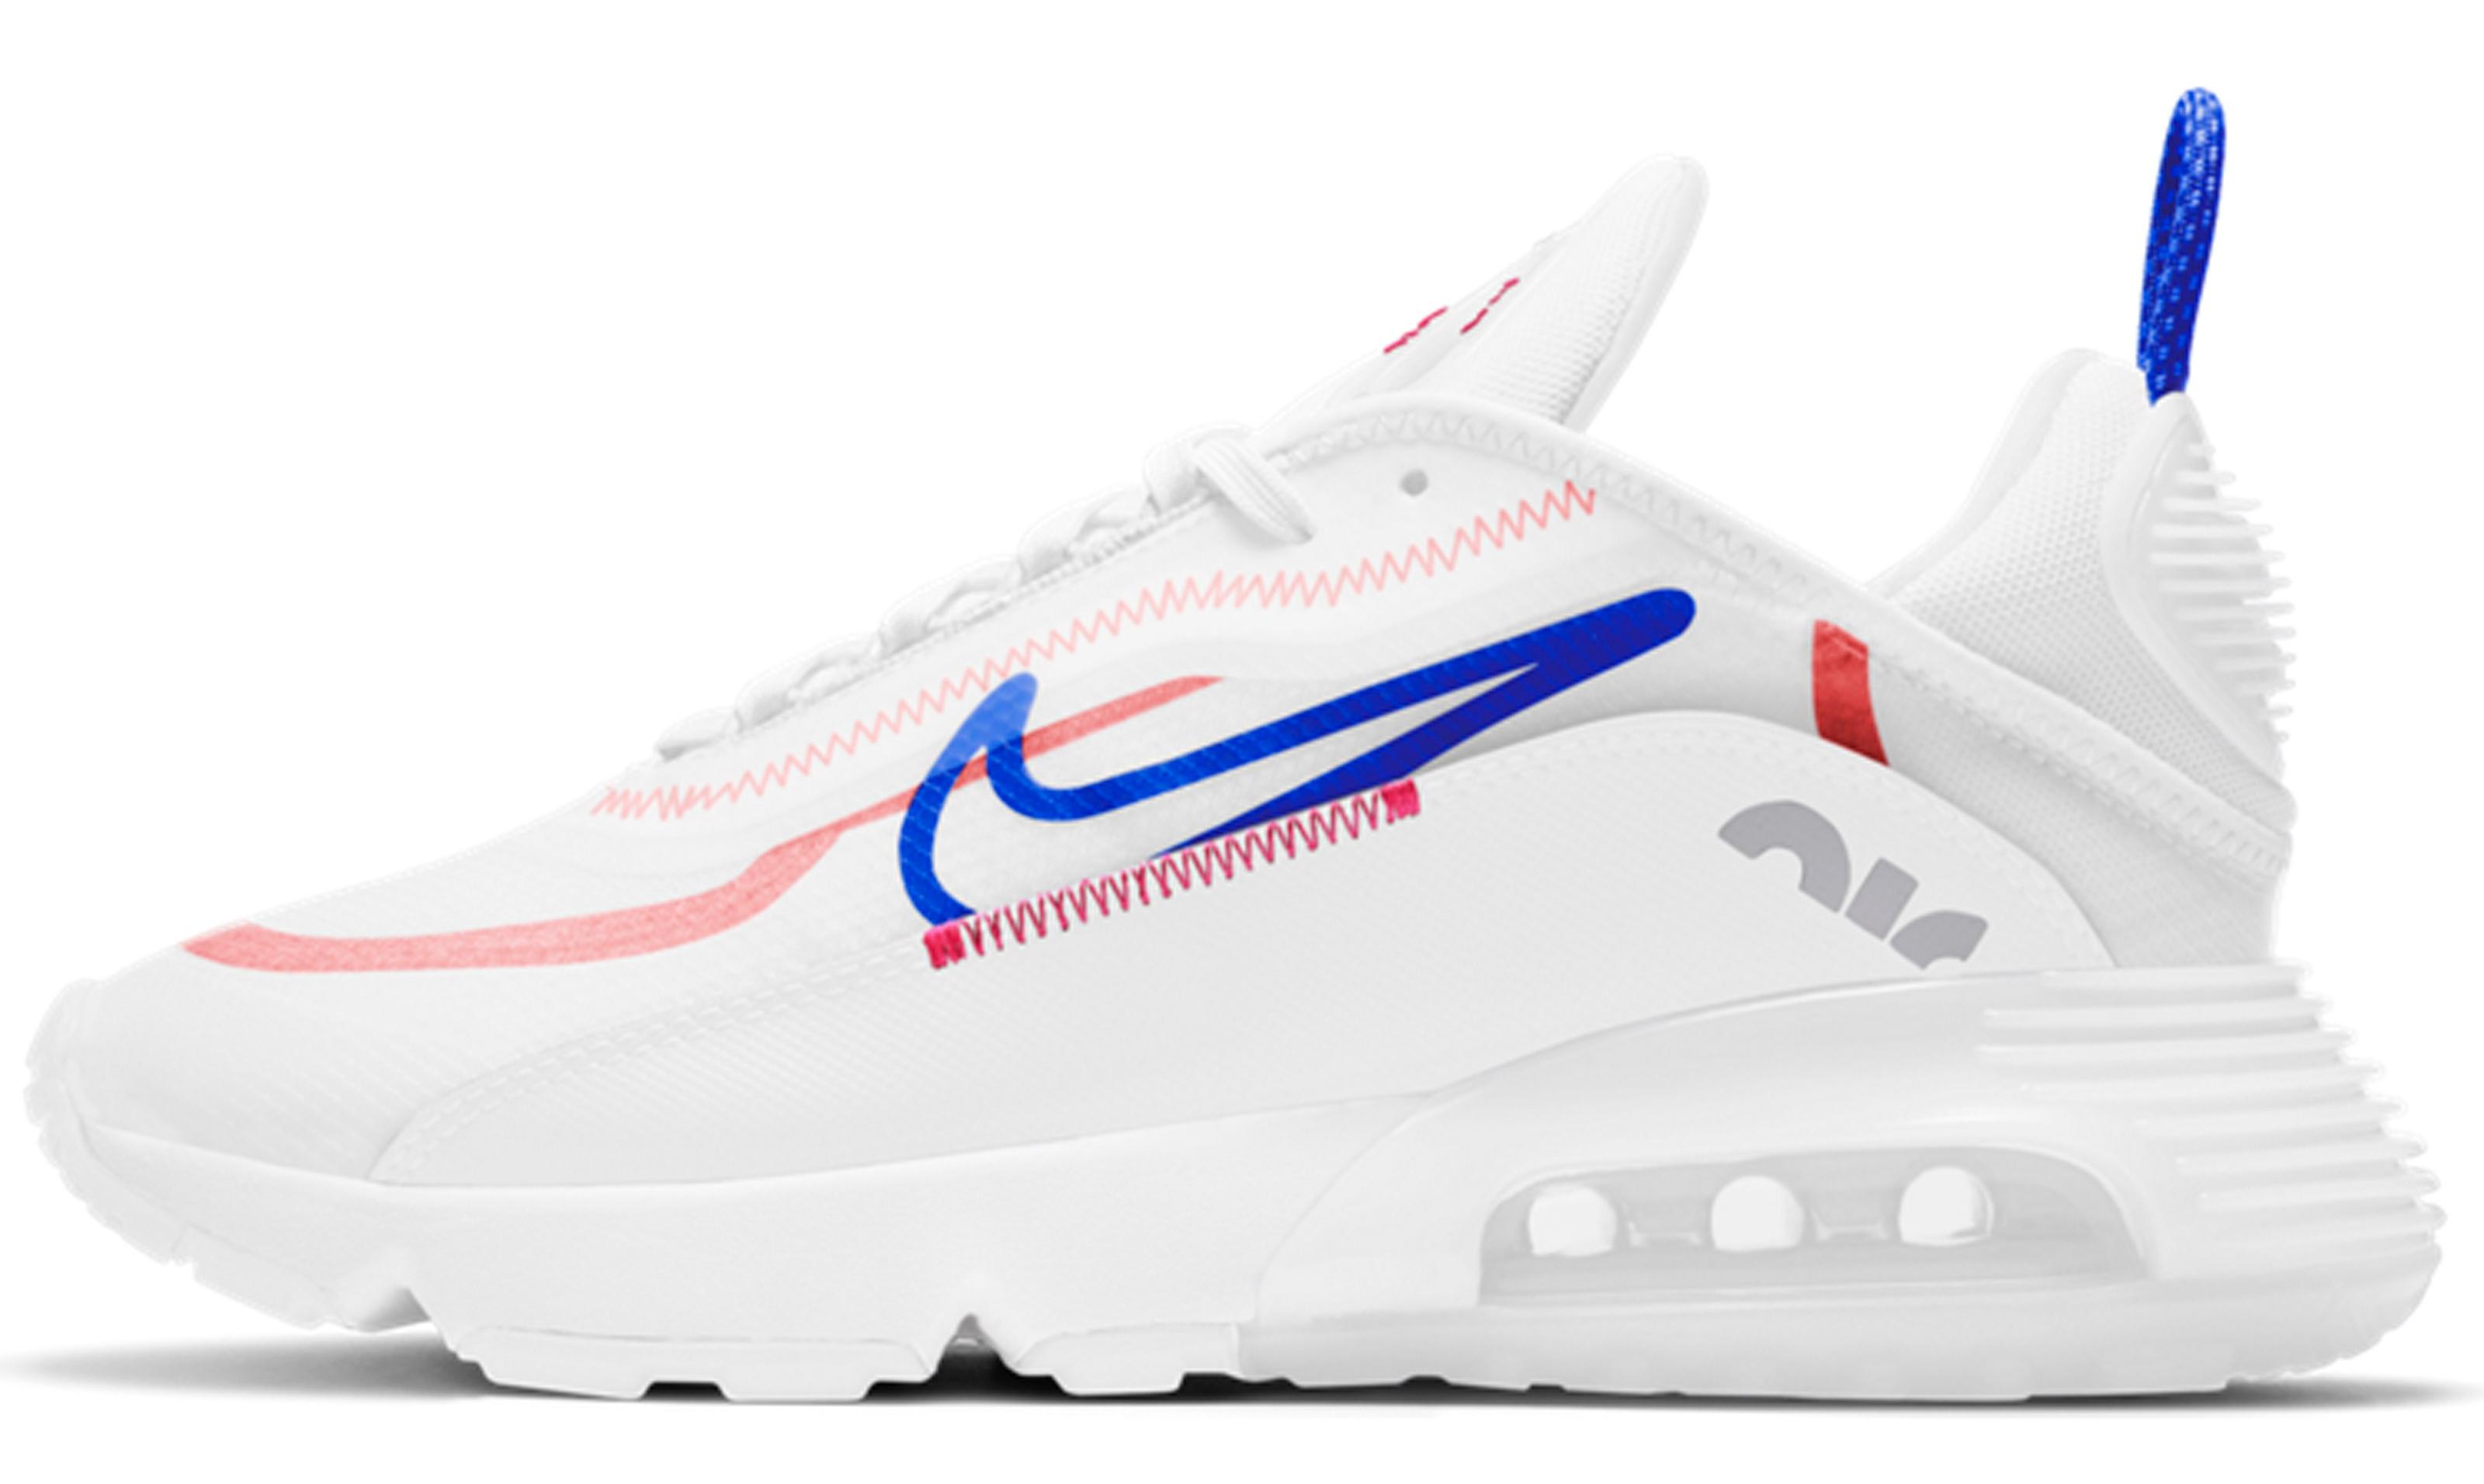 Nike_Sportswear_FA20_Air_Max_2090_07_96998